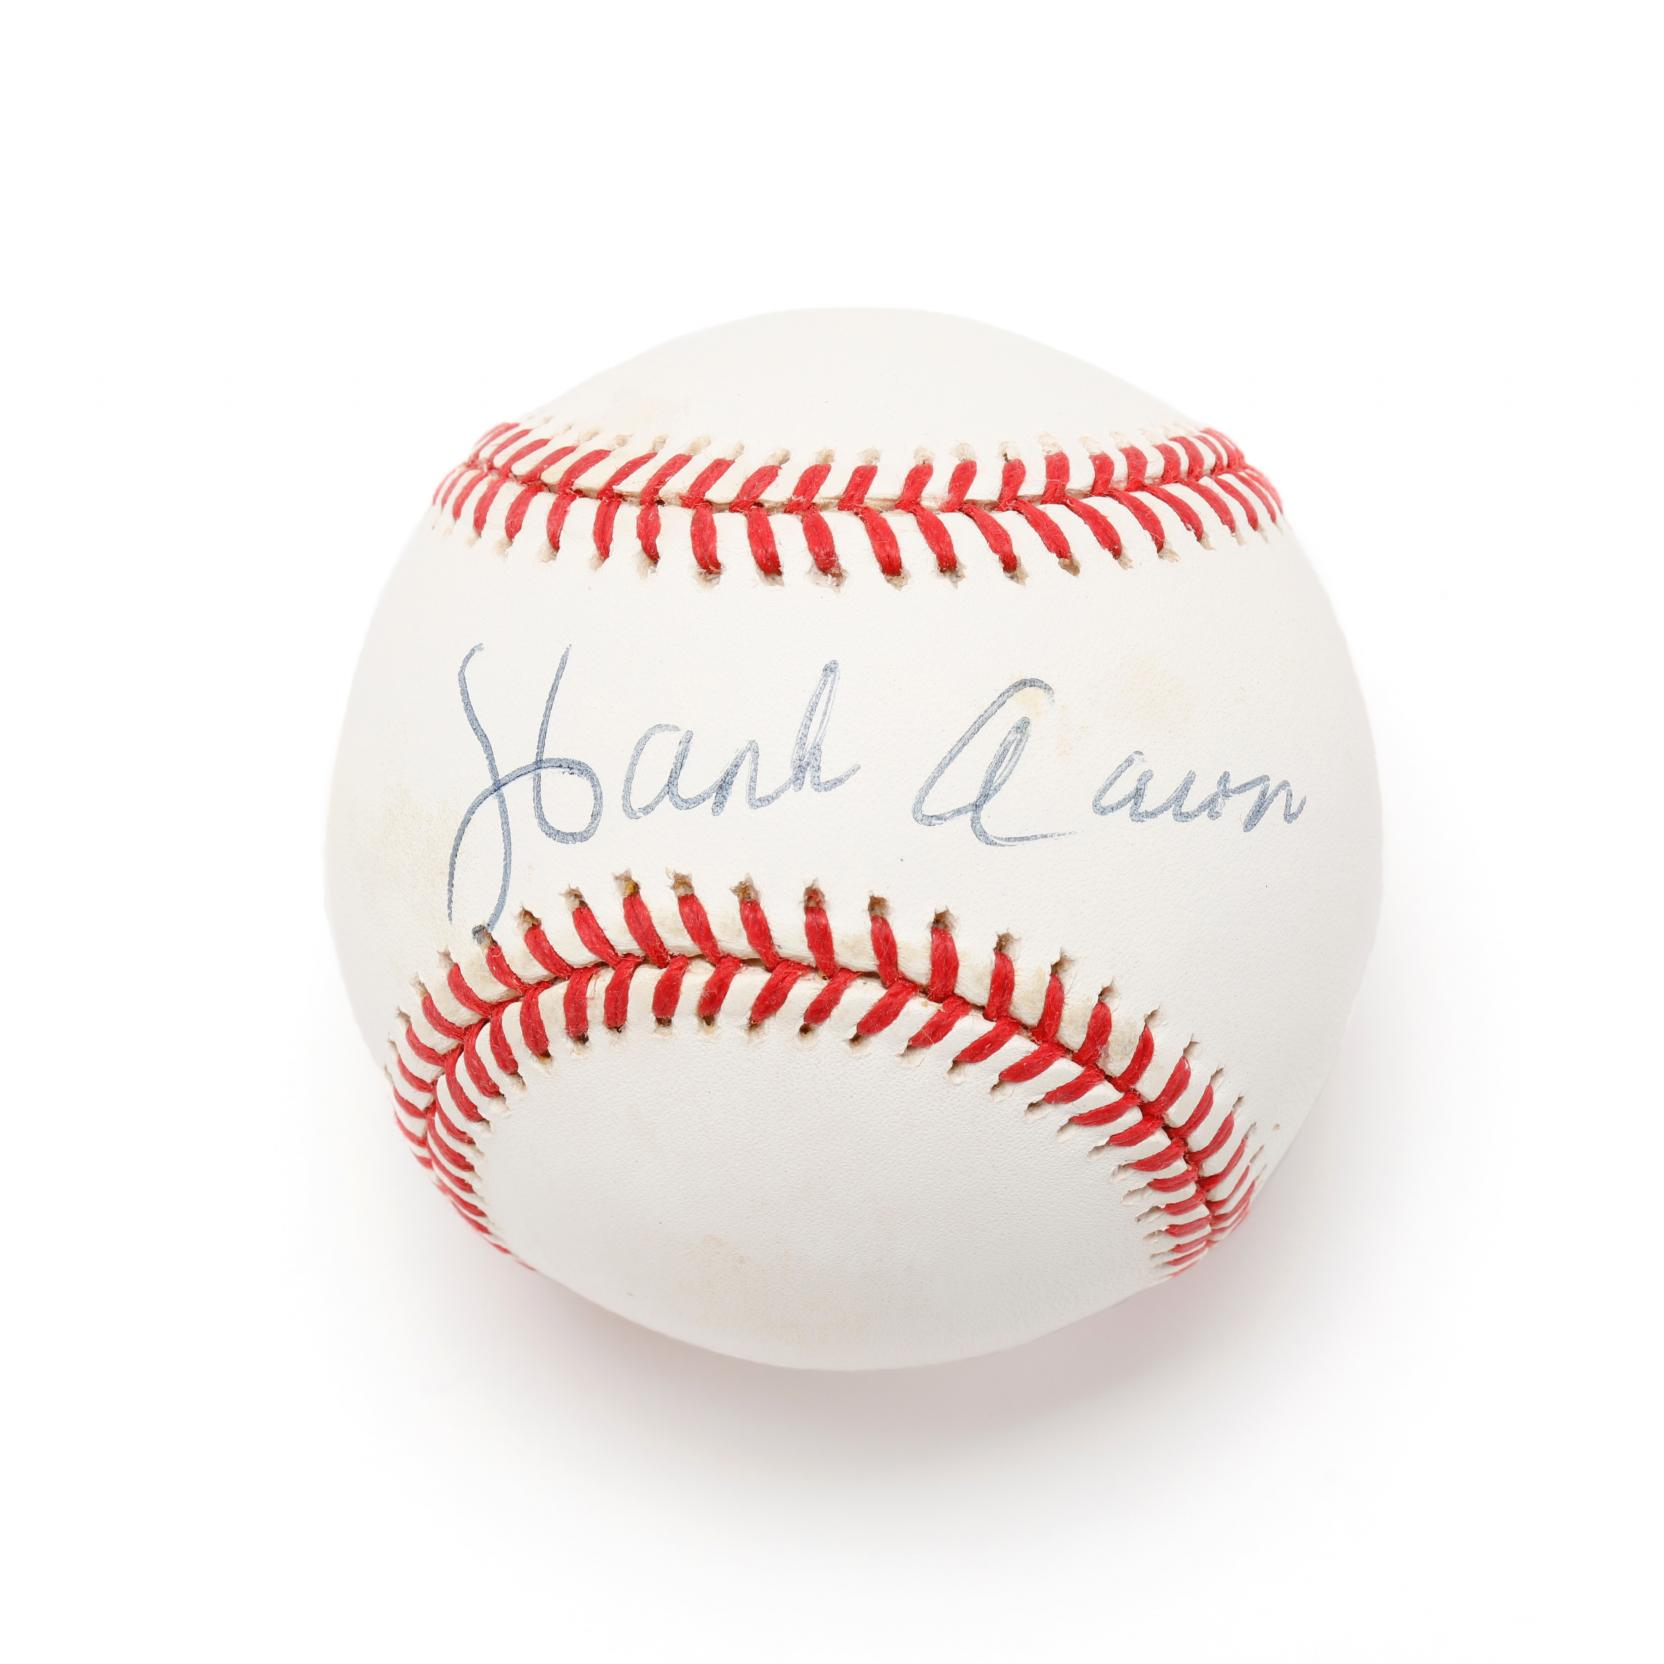 hank-aaron-autographed-baseball